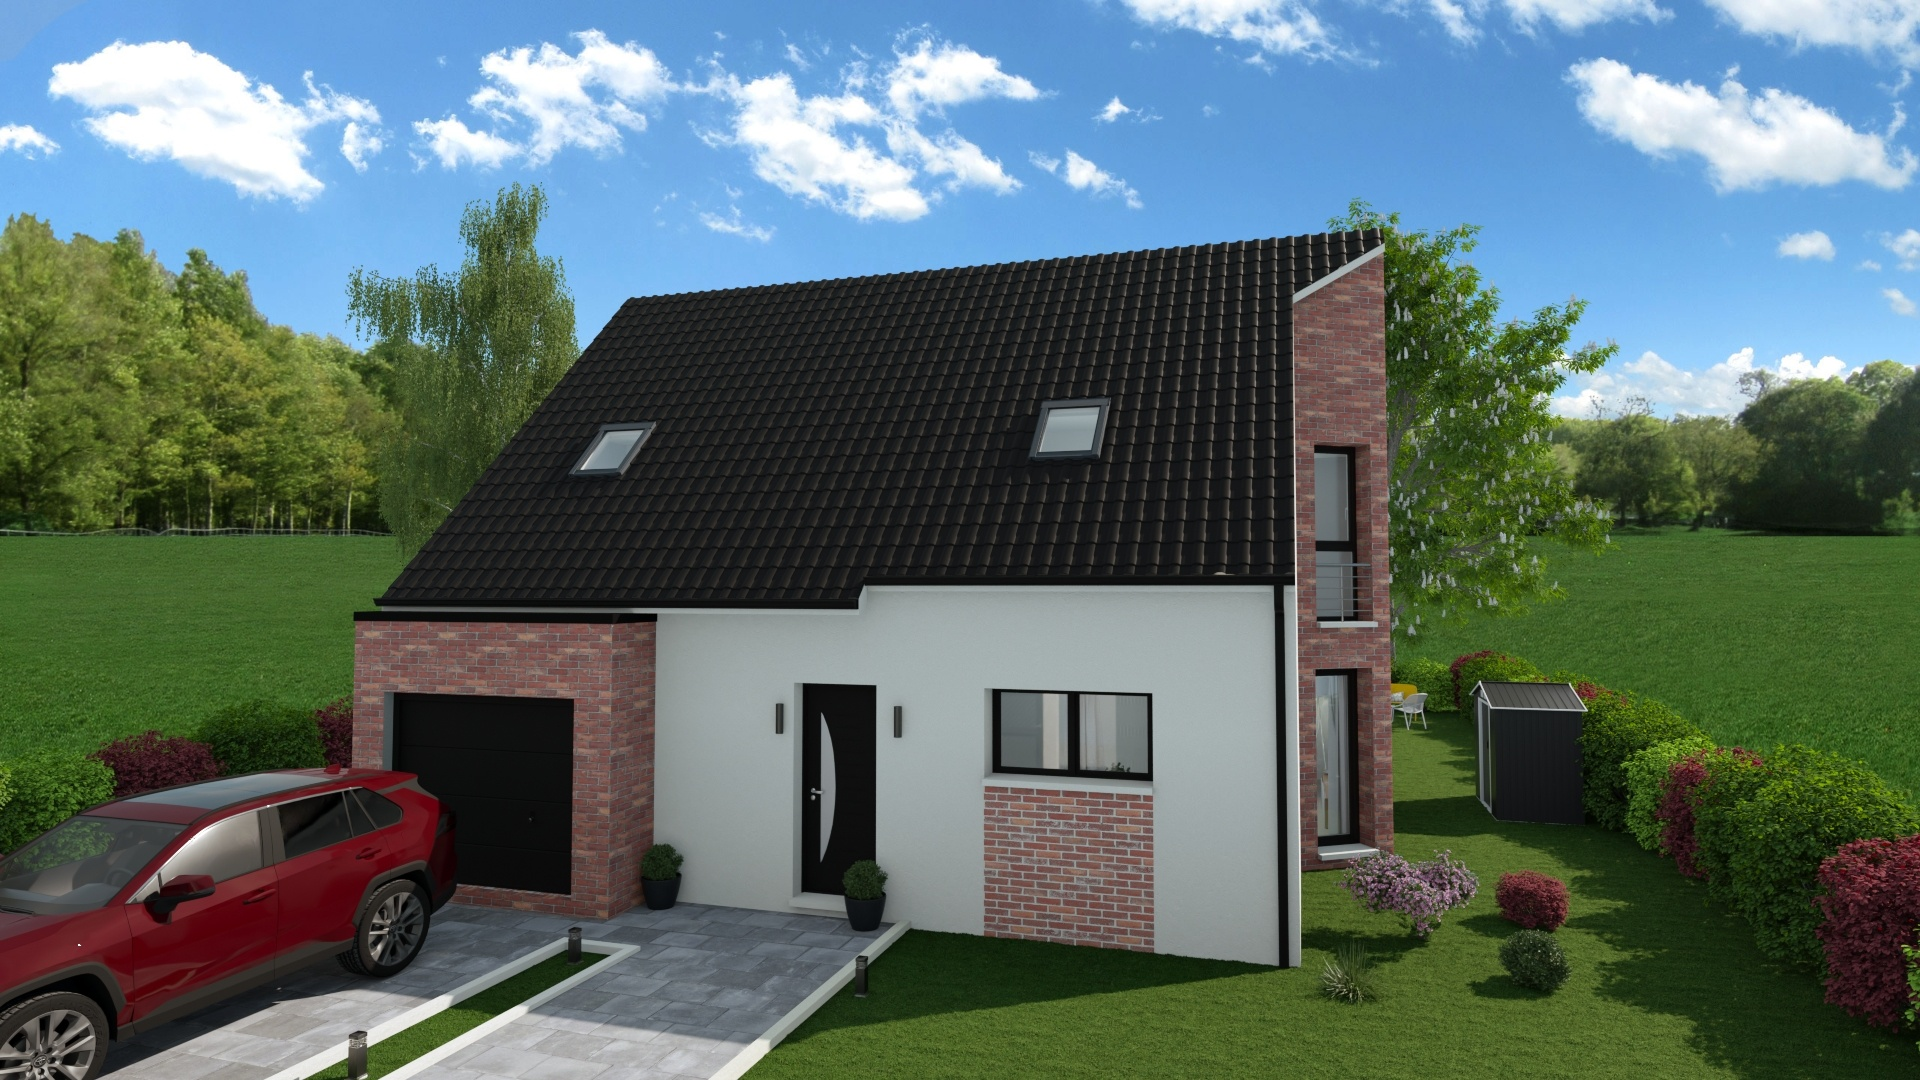 Maisons + Terrains du constructeur HABITAT CONCEPT LILLE • 89 m² • MERVILLE